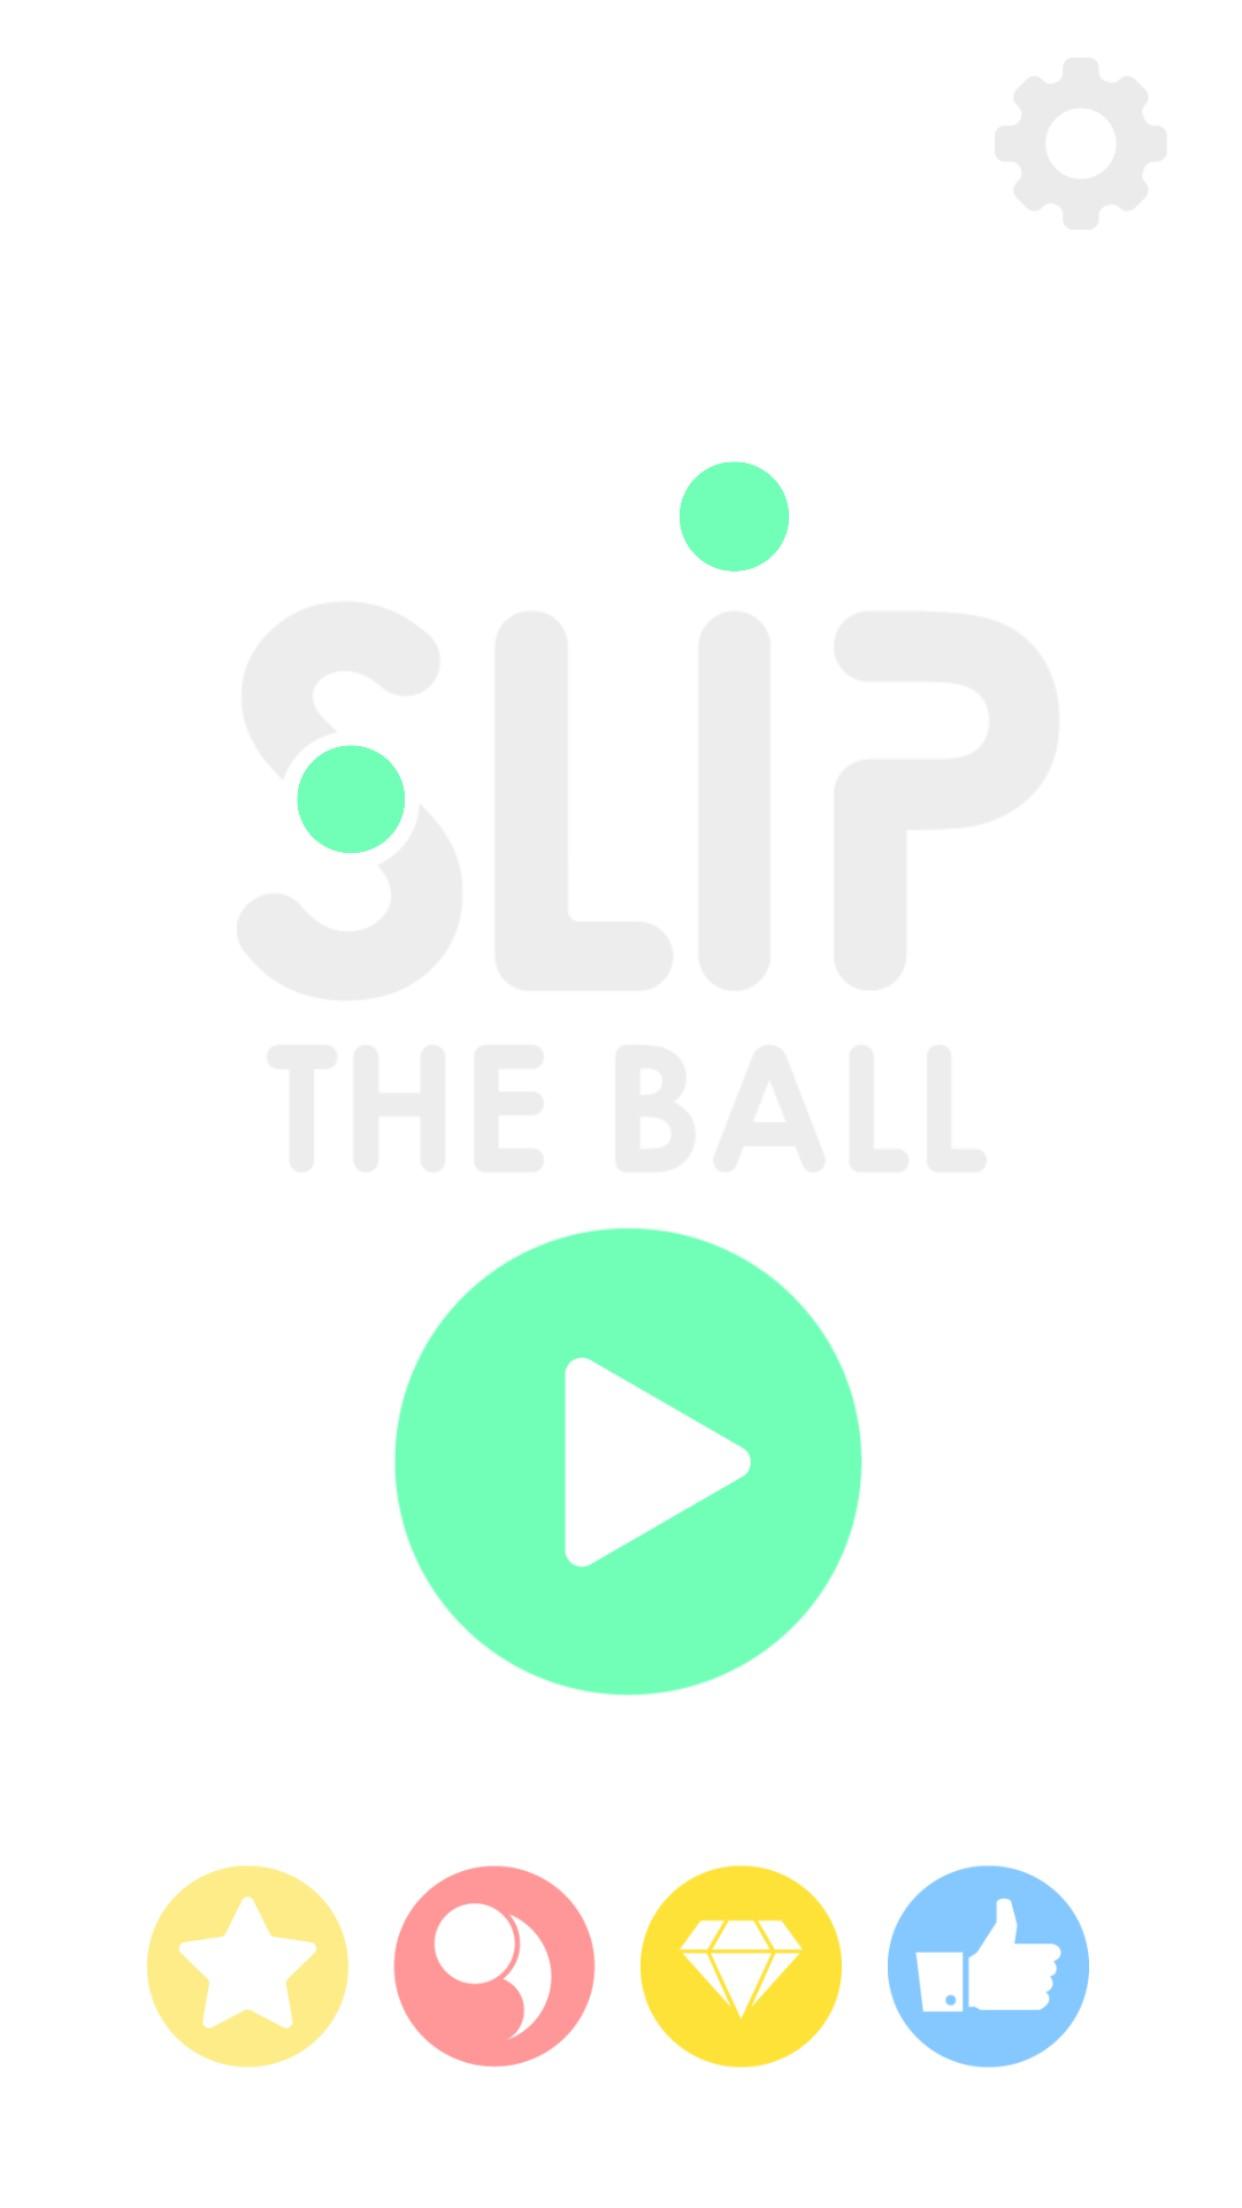 Slip The Ball